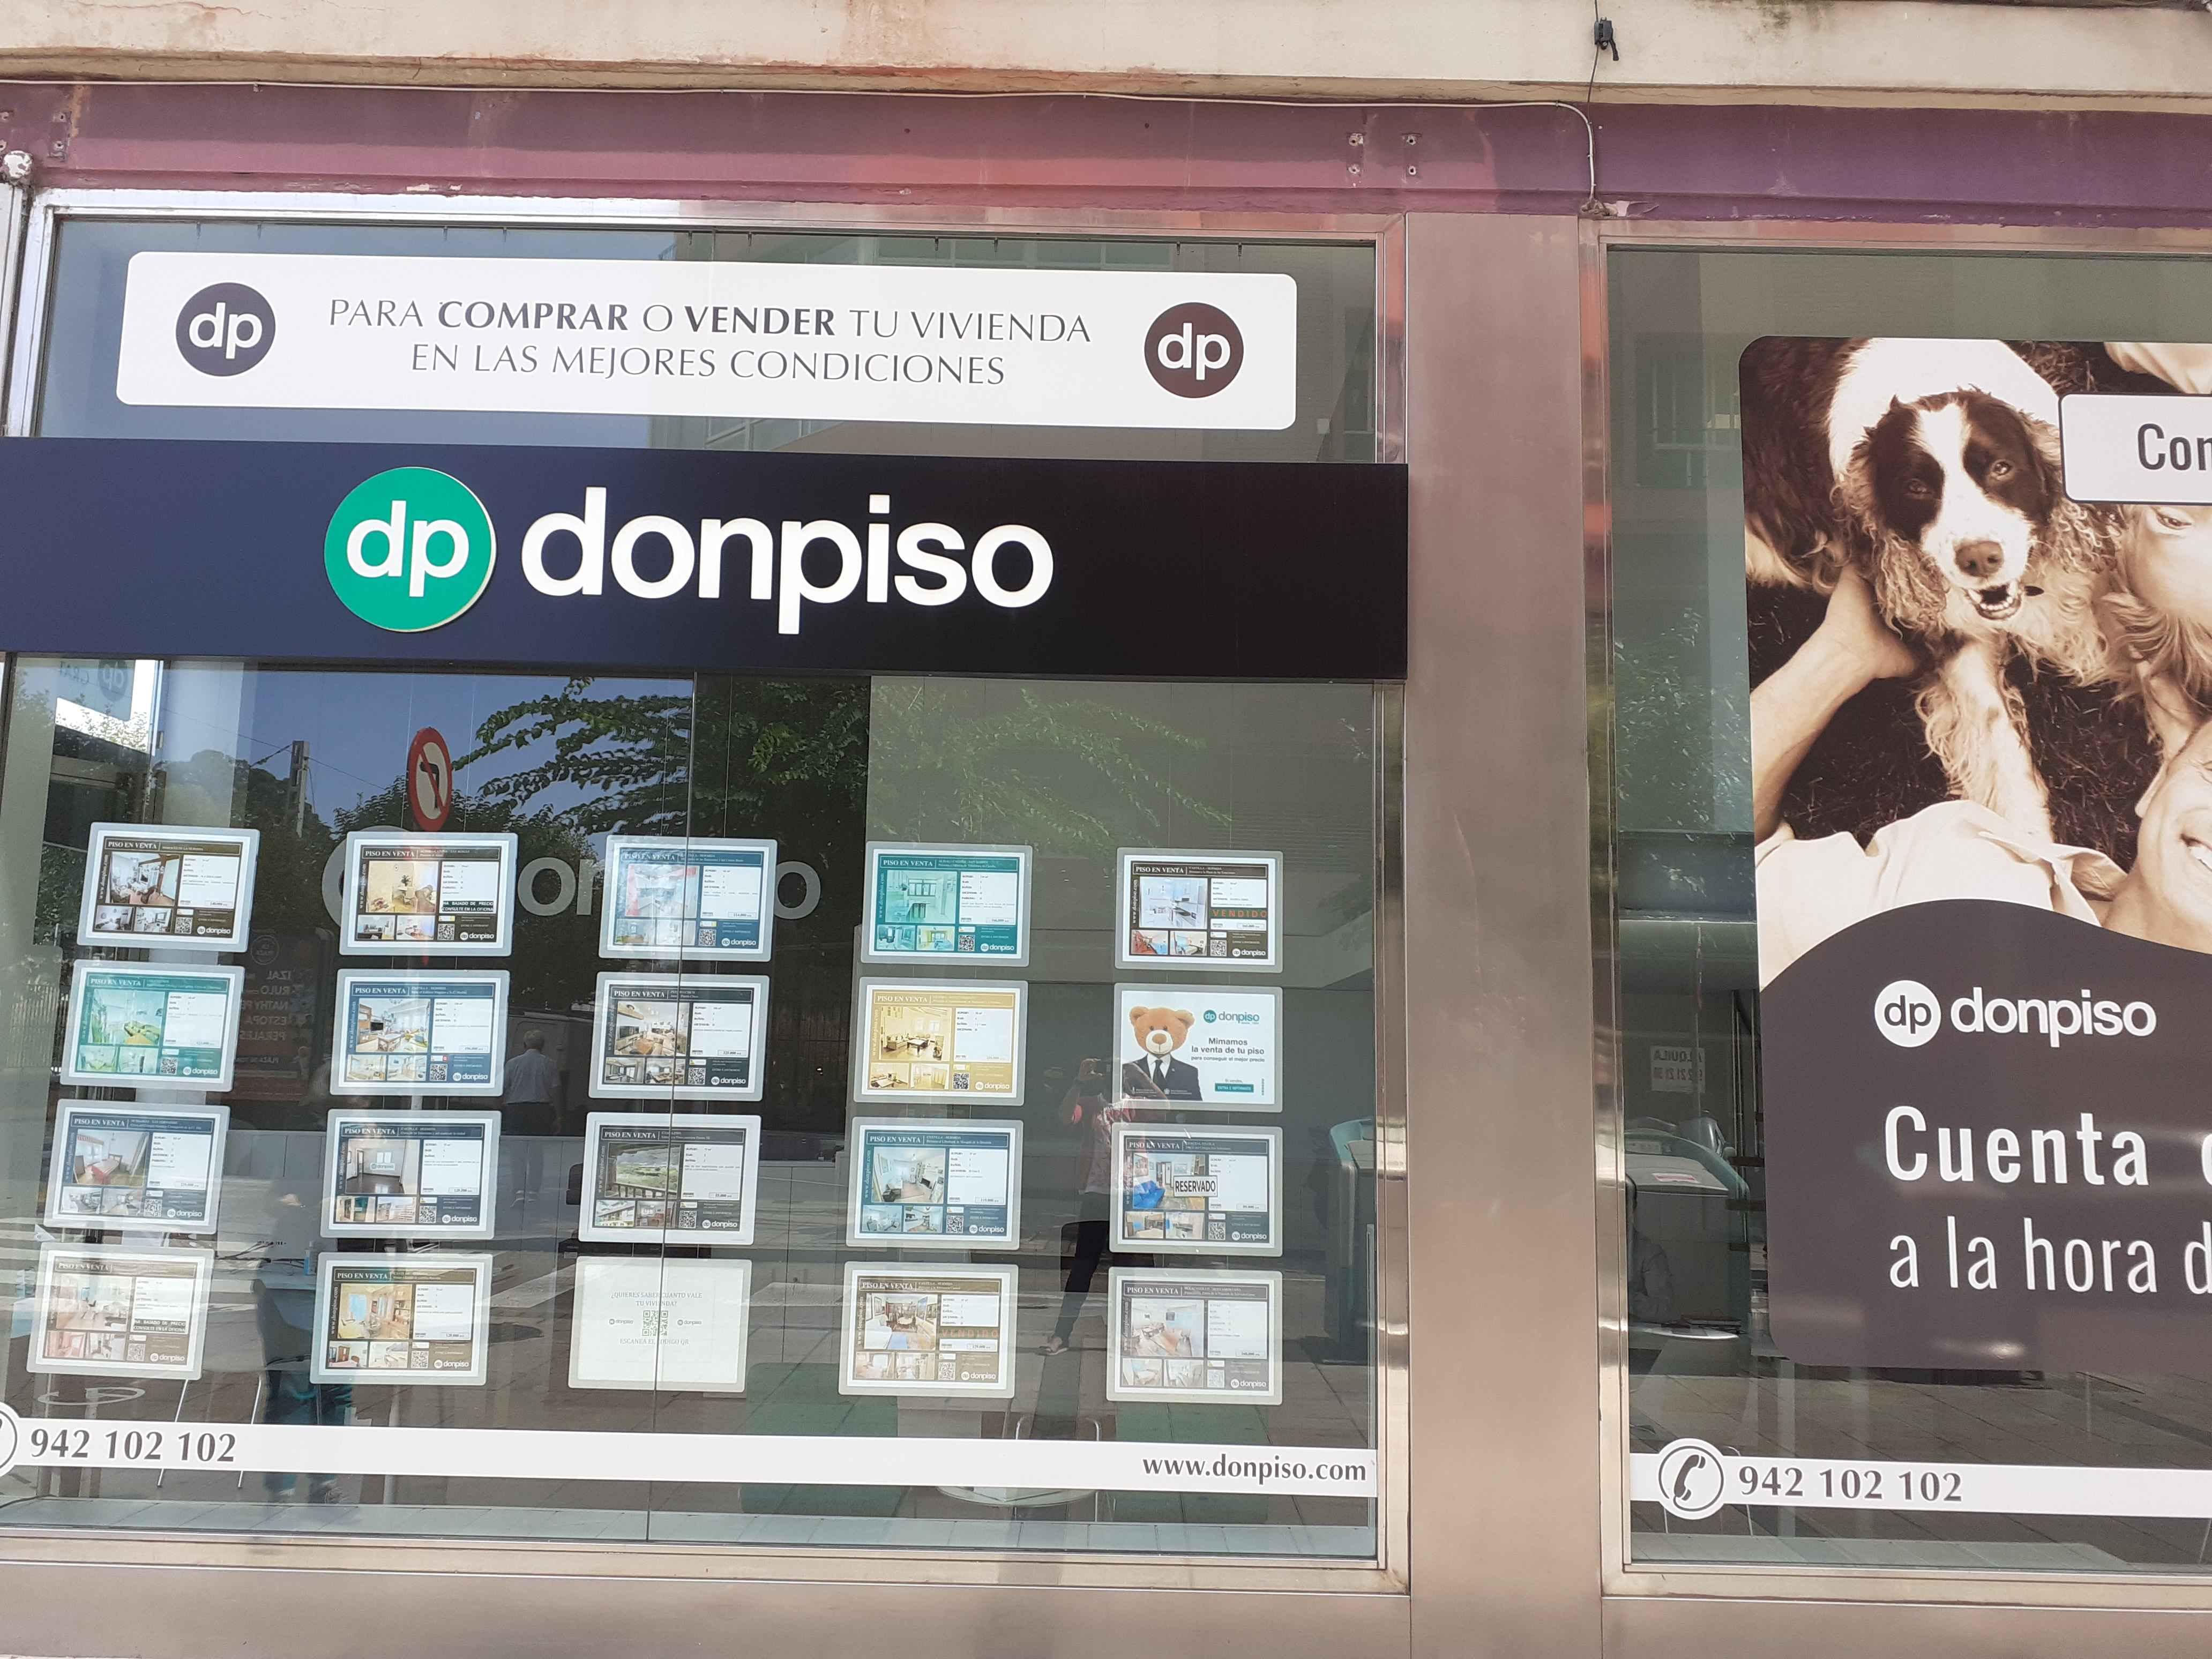 oficina donpiso Santander Castilla